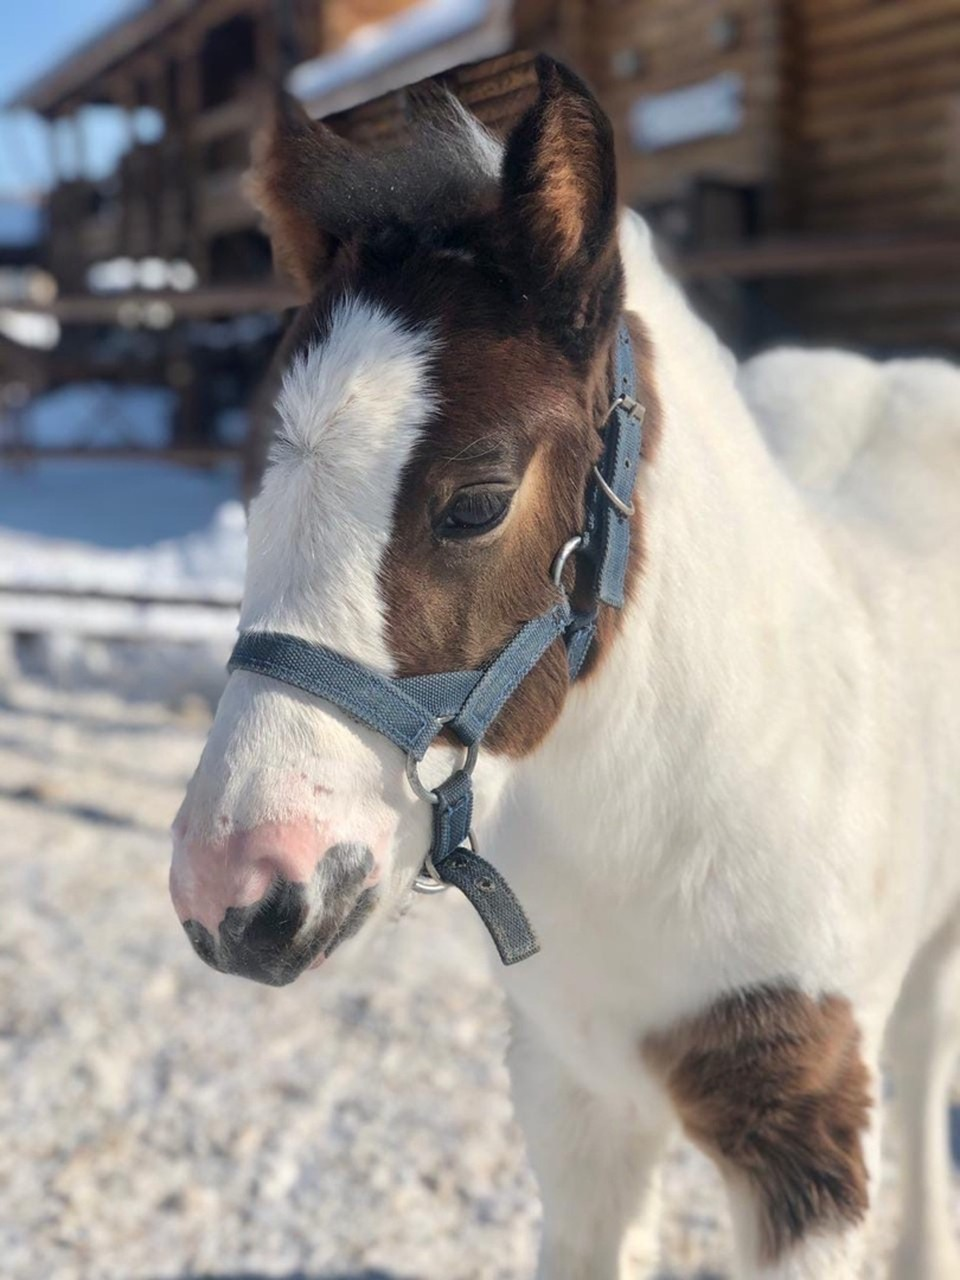 Родившуюся в зоопарке Удмуртии лошадку назвали Дейз – Джессика Фото: пресс-служба Зоопарка Удмуртии